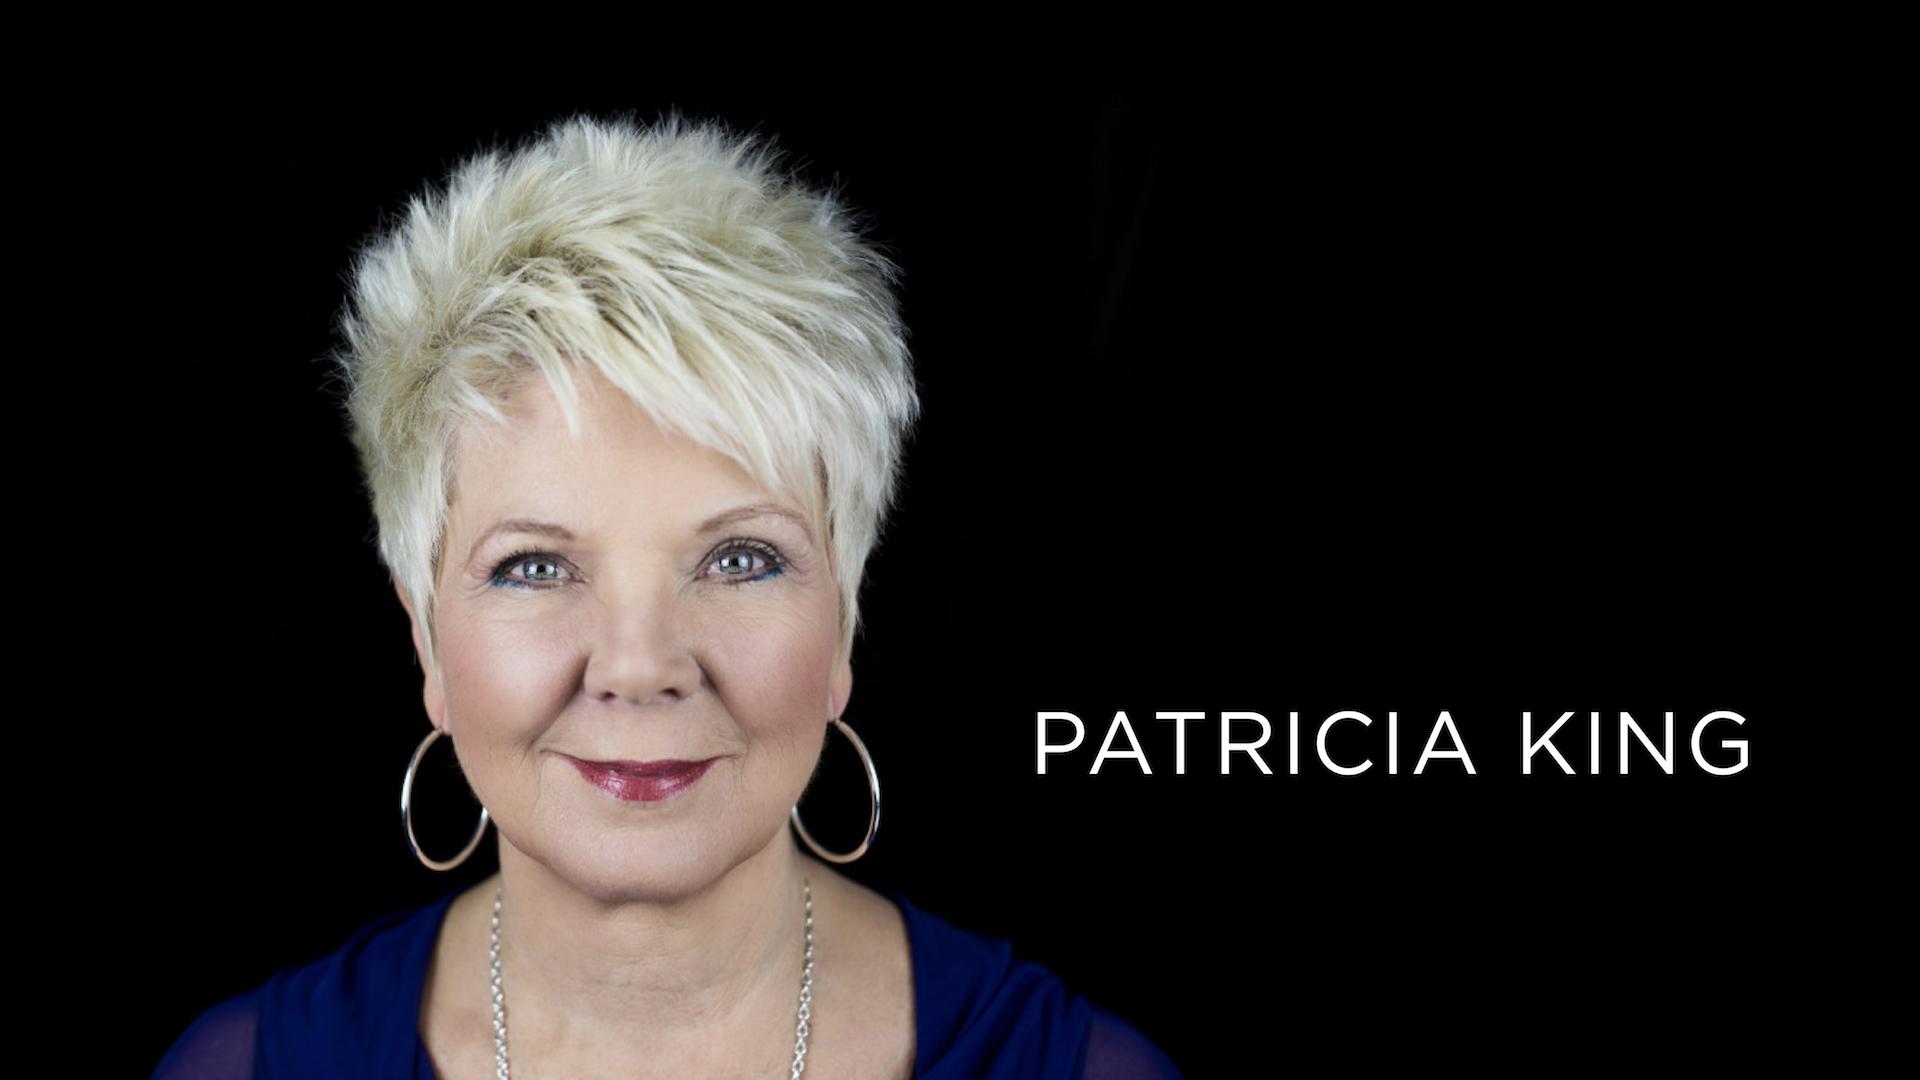 PATRICIA KING-01.jpg